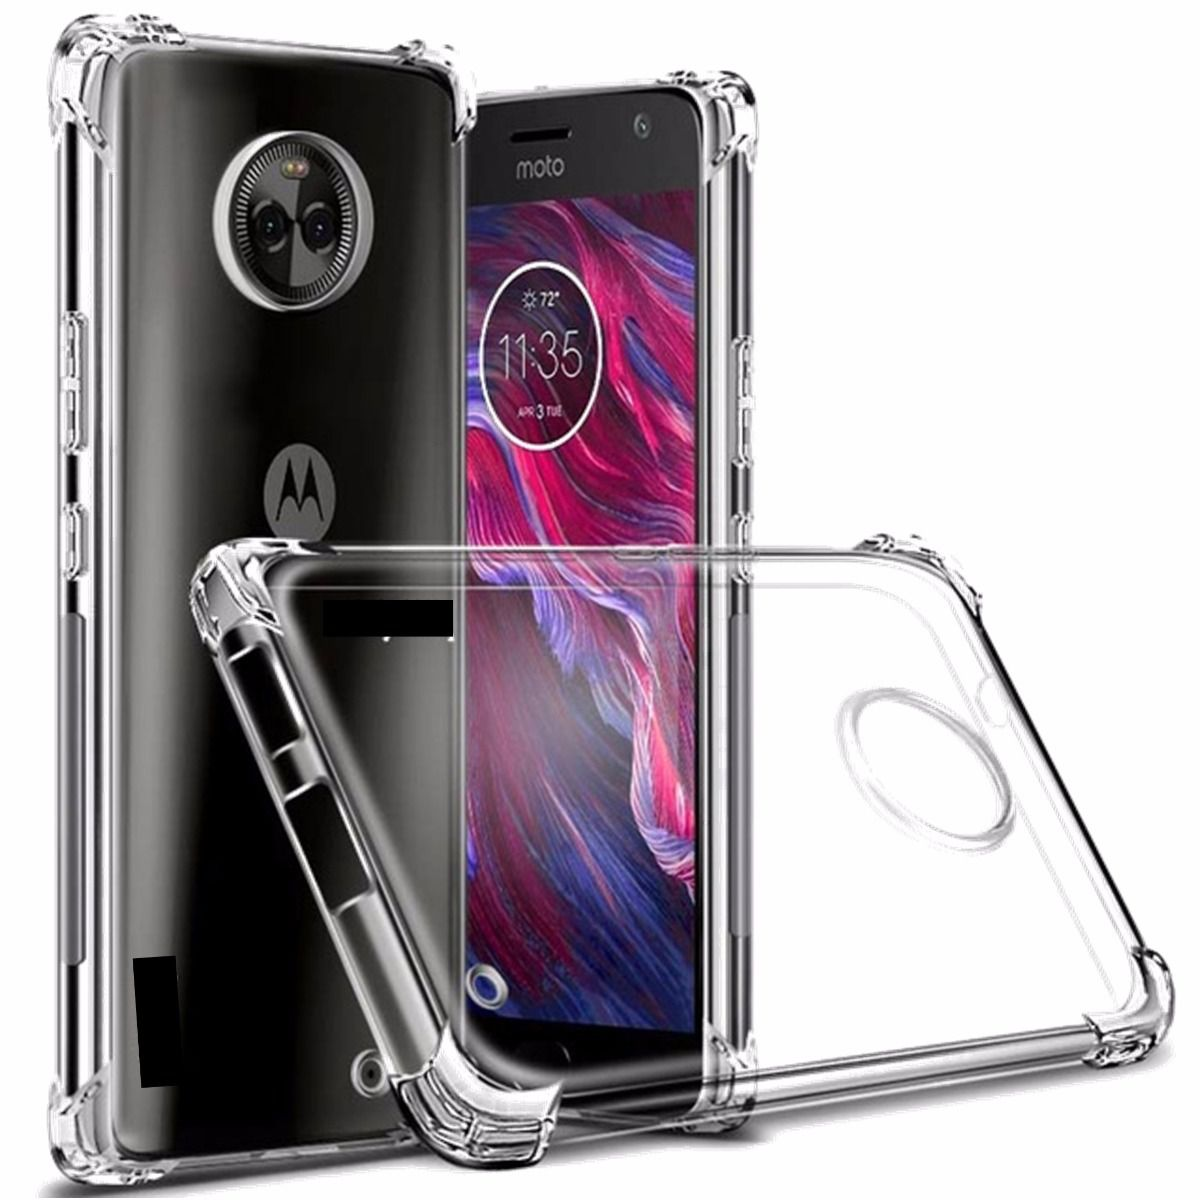 Kit 100 Capinha Anti Shock Transparente Lançamento 2018/2019 Moto G7, G7 Play, Samsung A10, A50, M30, Iphone 11,